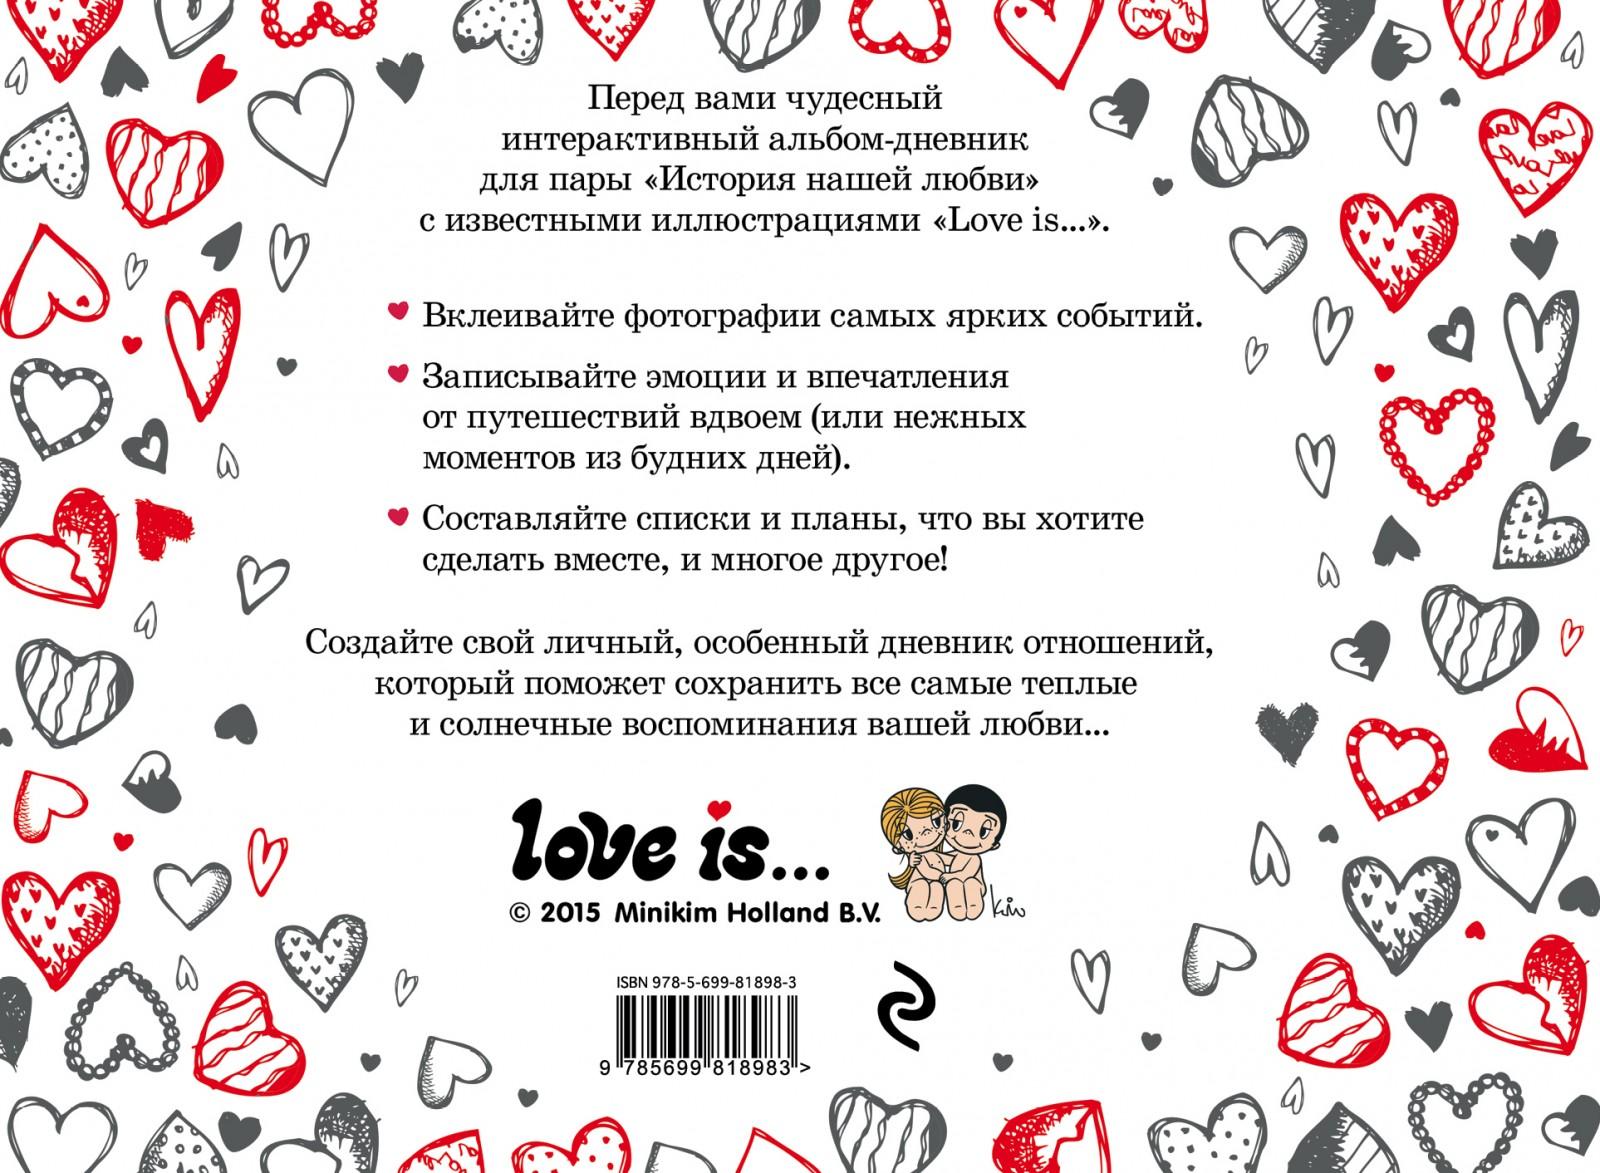 Как написать любовную историю 215